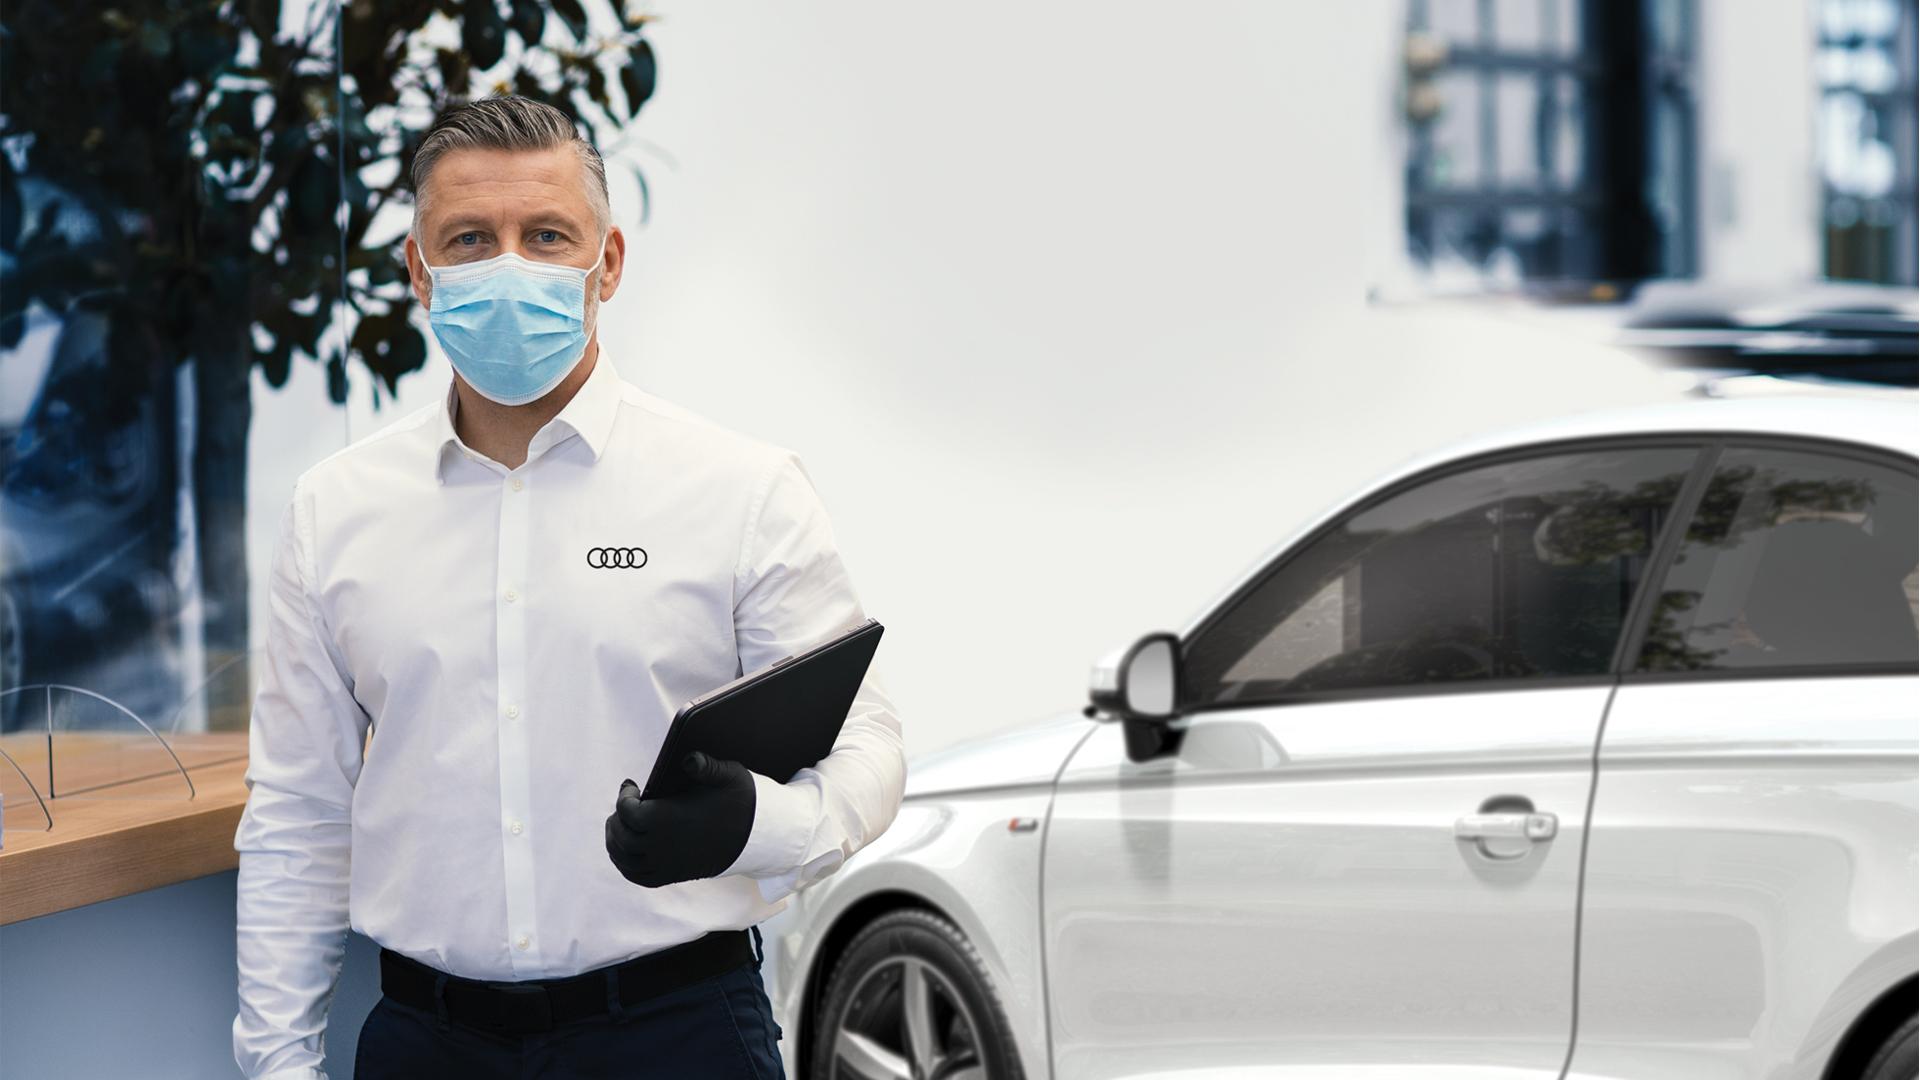 Δίκτυο Kosmocar - Audi Anti COVID 19 - Σύμβουλος Service με γάντια και μάσκα